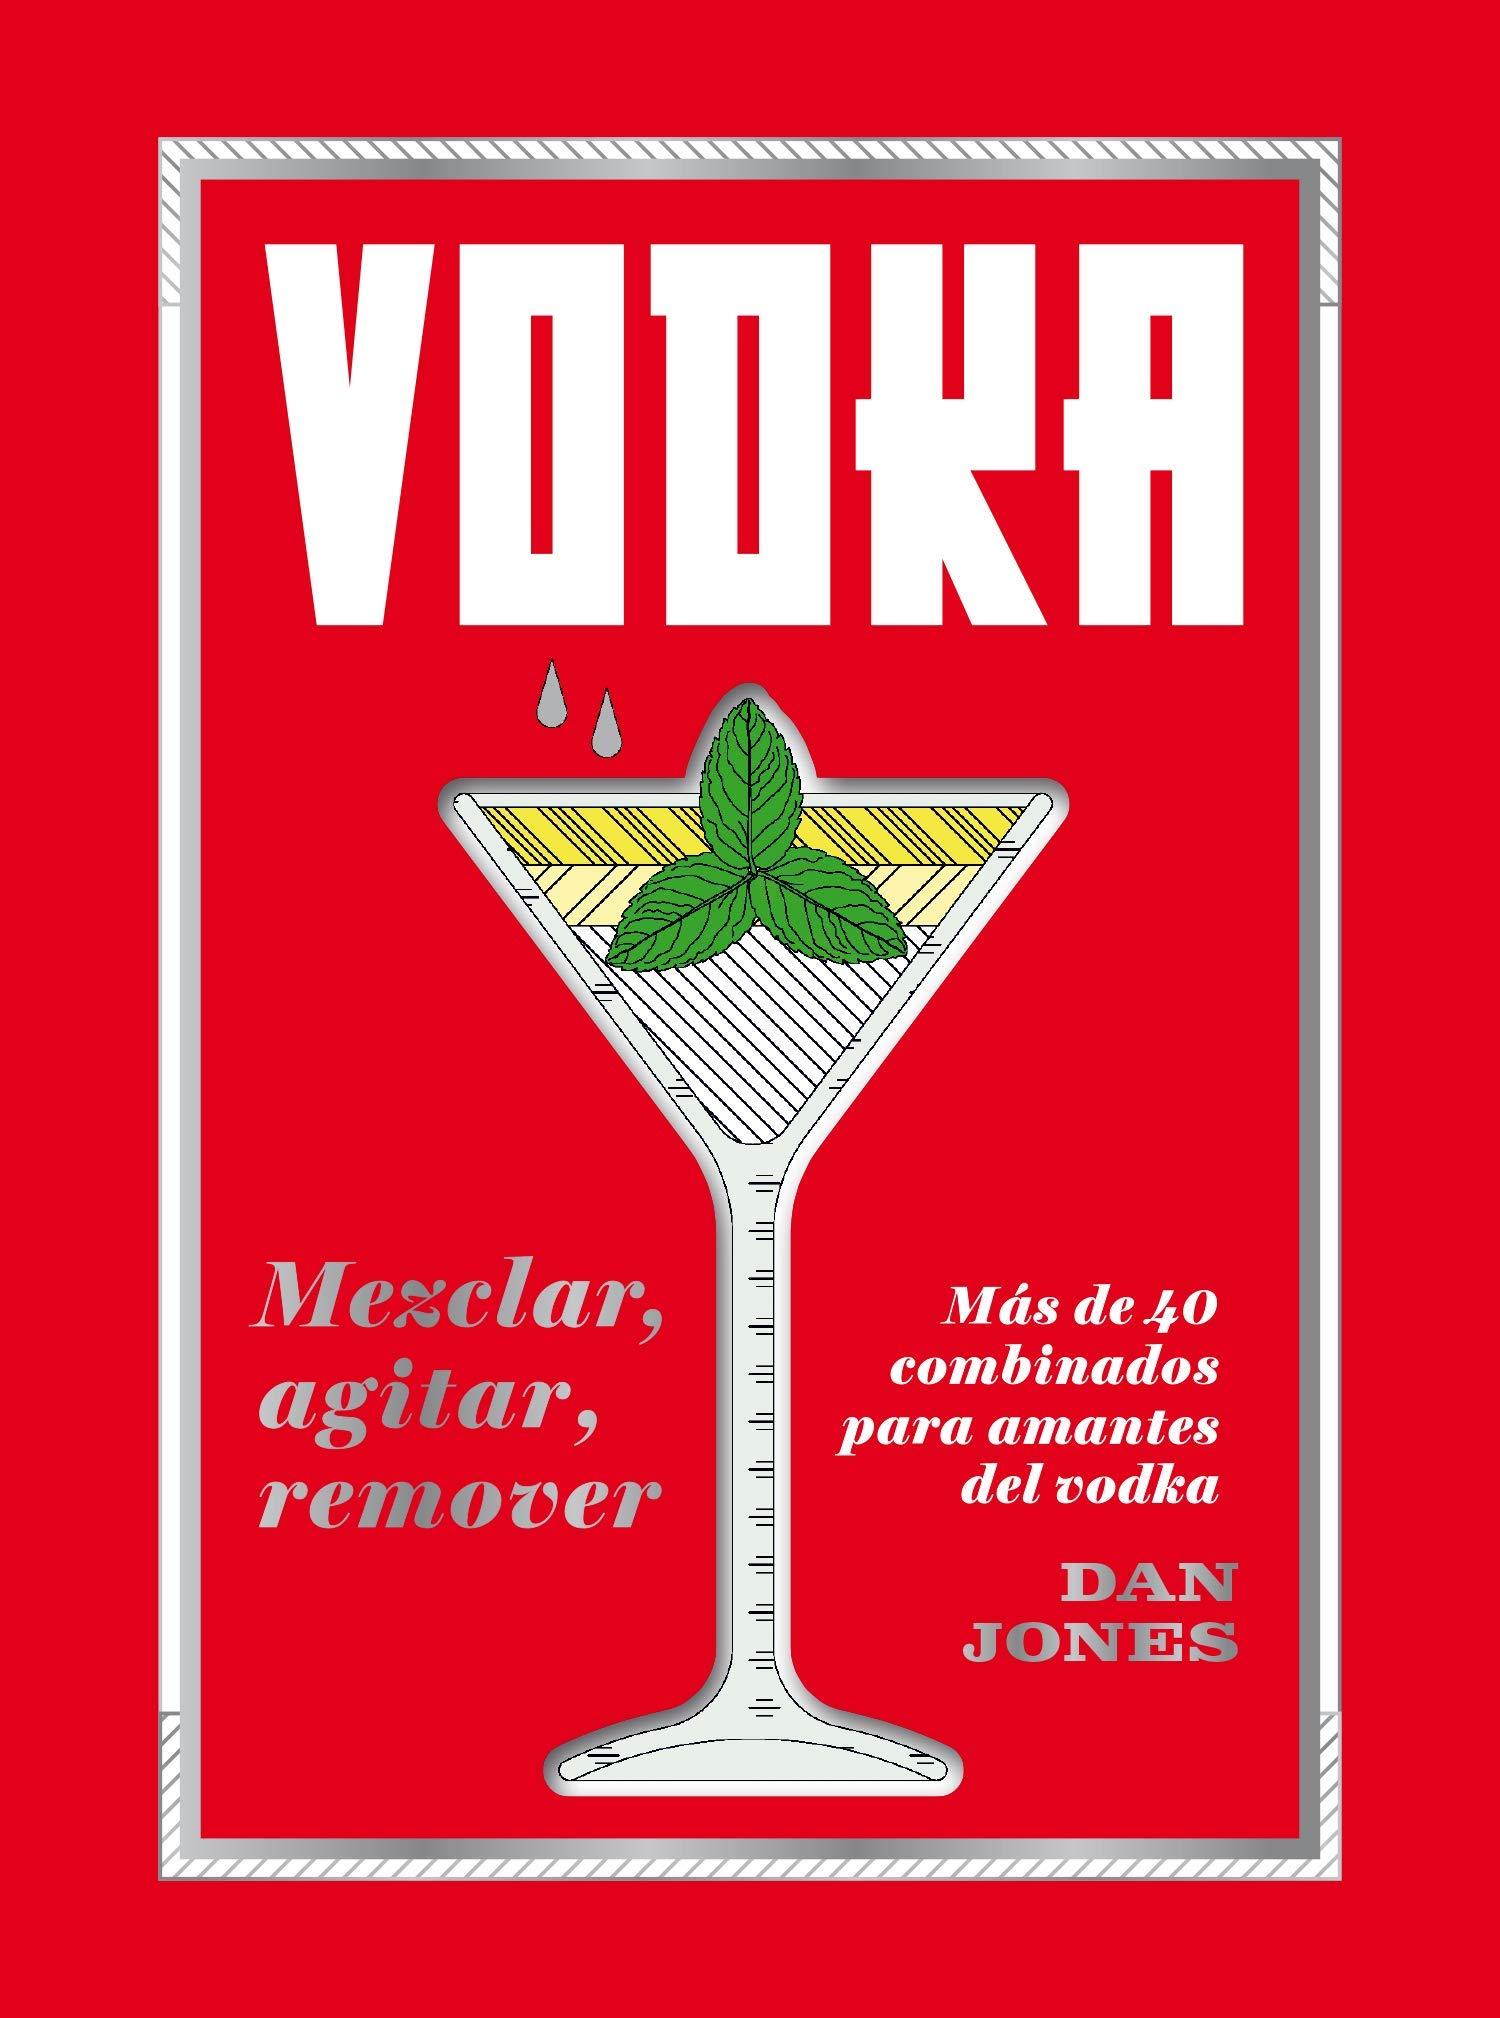 Vodka: Mezclar, agitar,remover